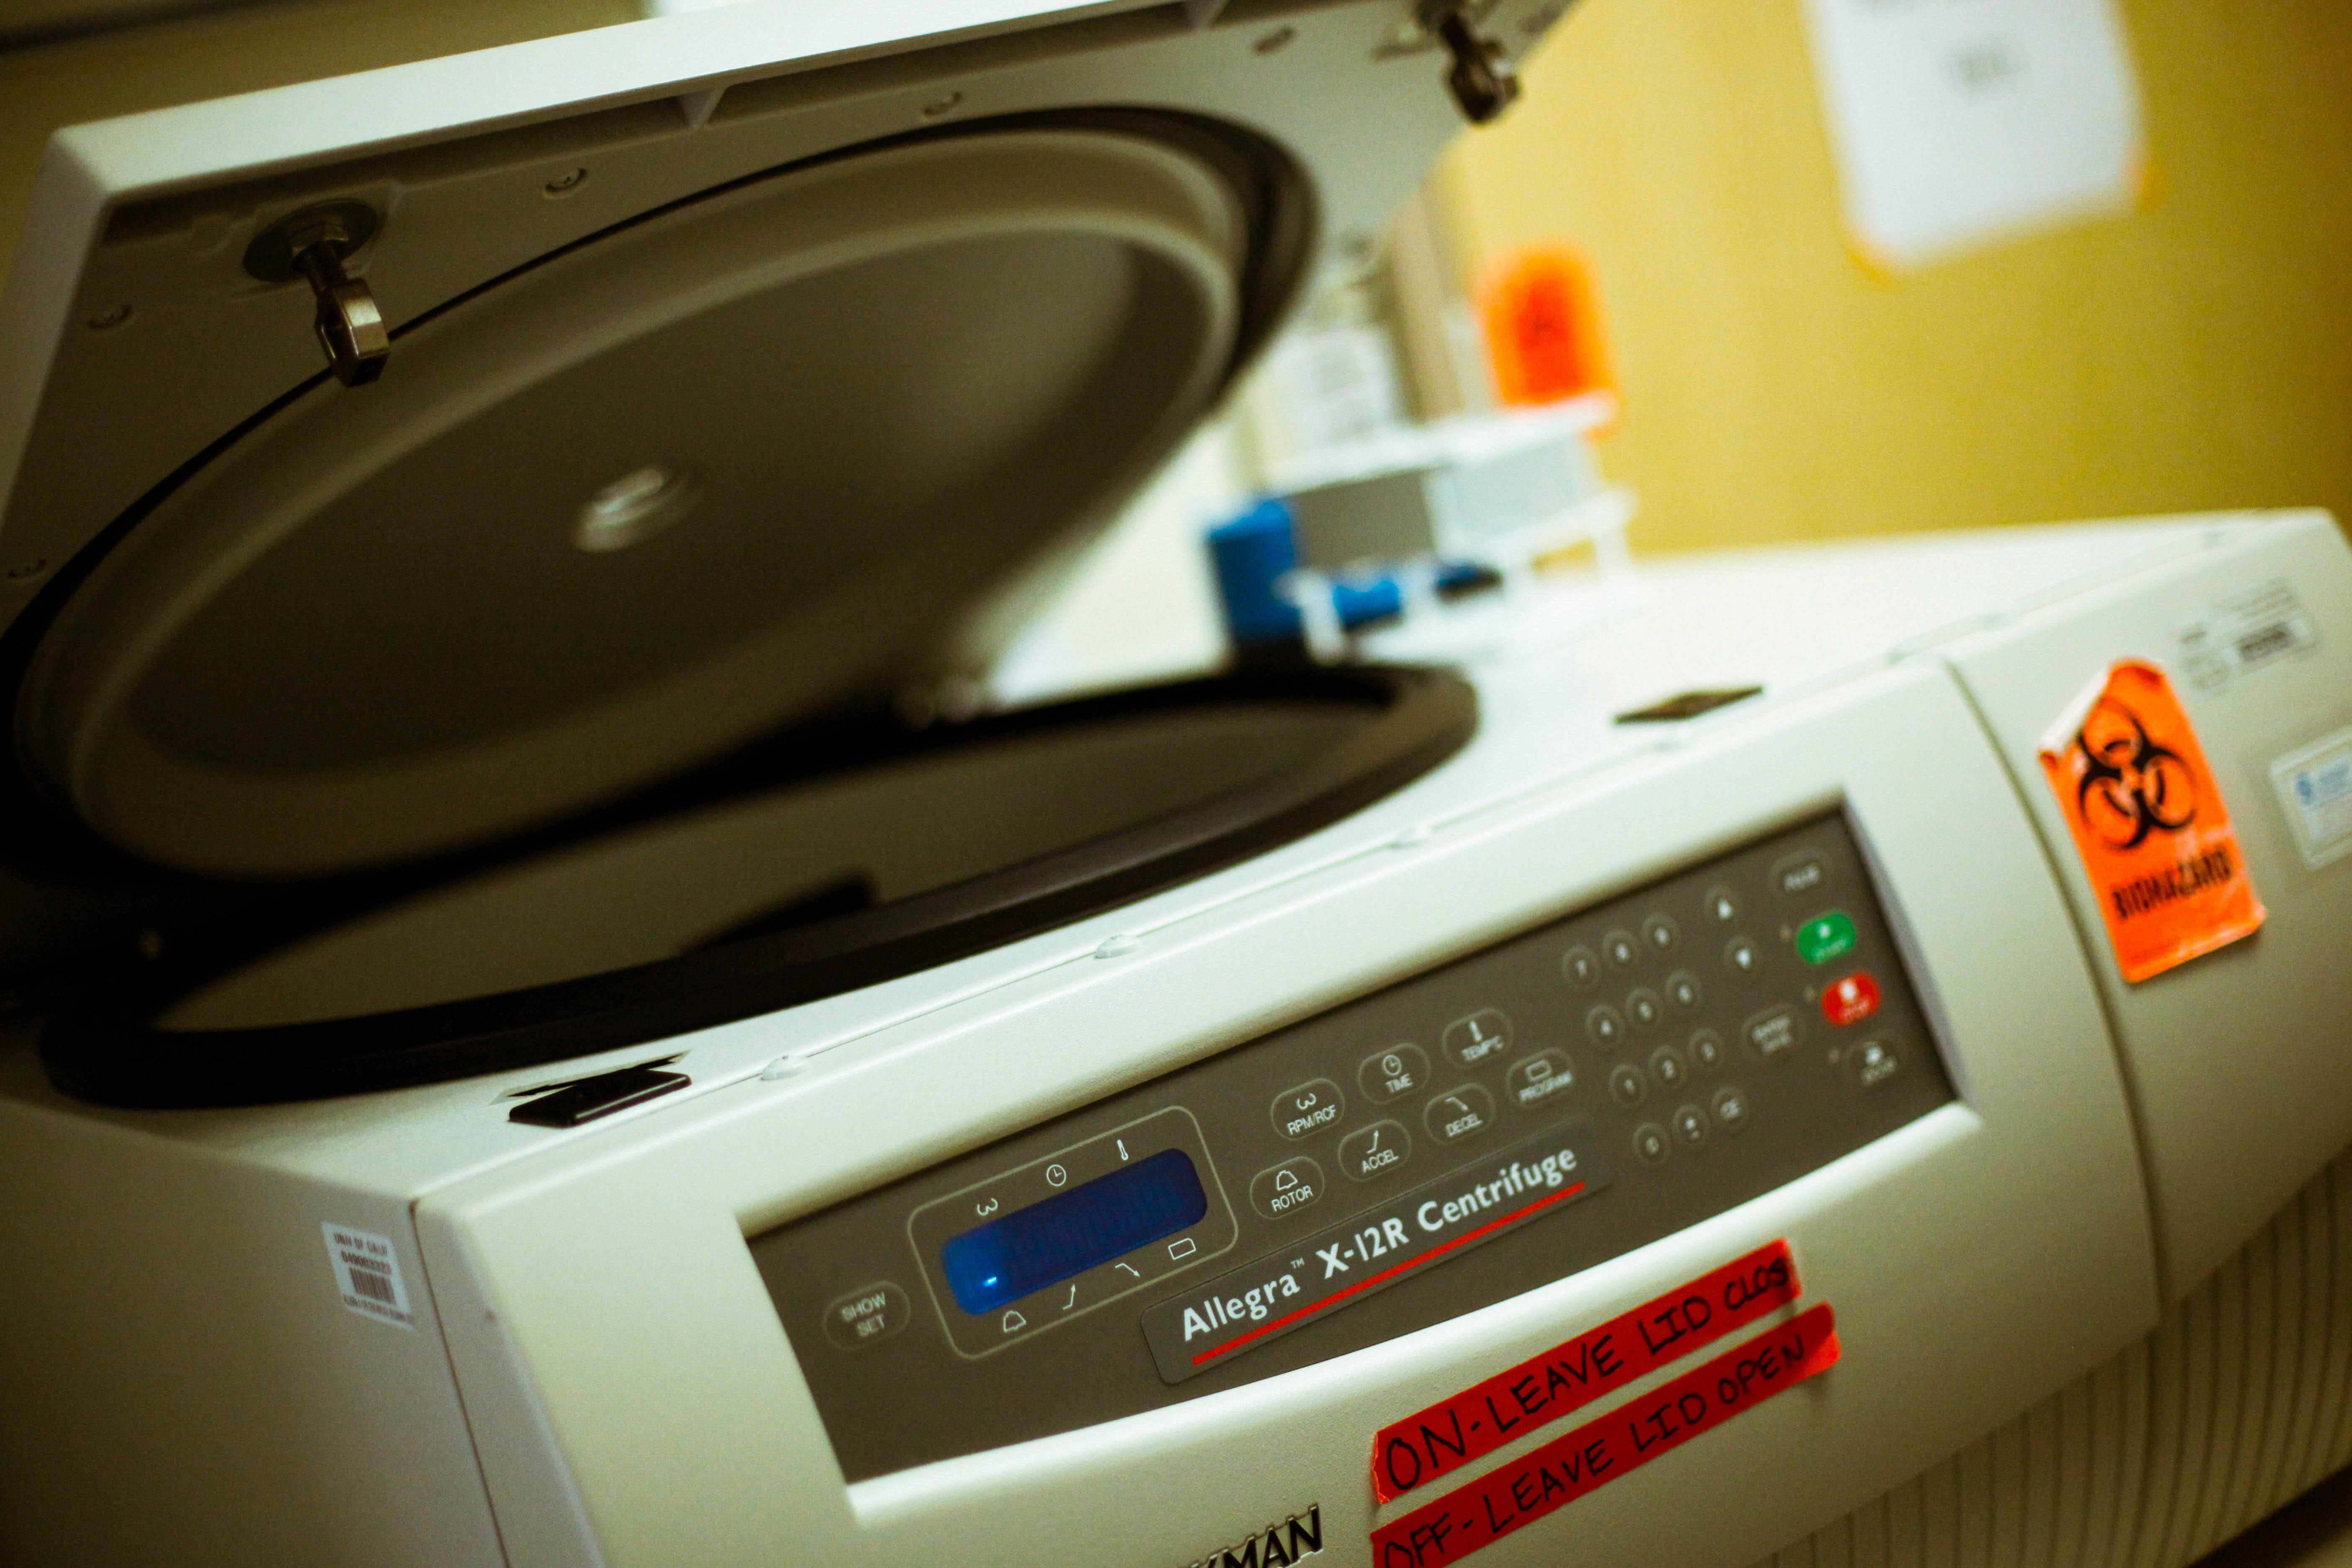 Large centrifuge